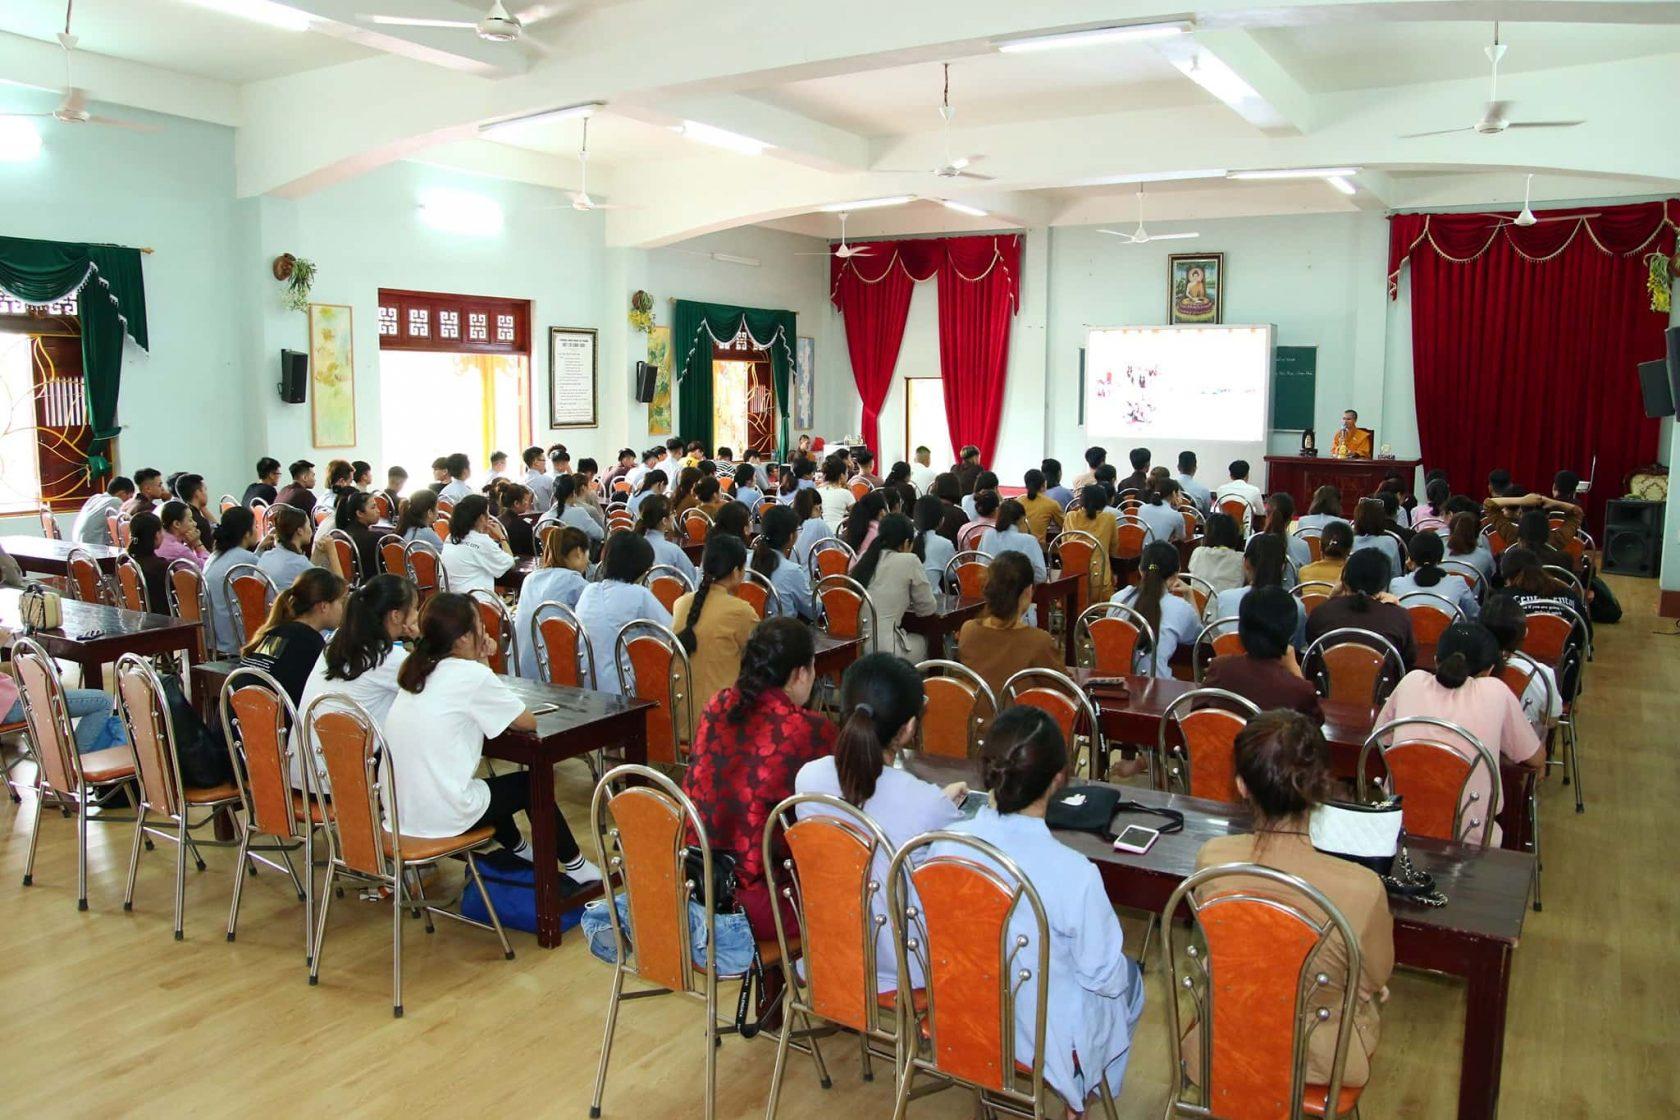 Đại đức Thích Thích Trúc Bảo Giác - Trưởng ban Giáo dục thanh thiếu niên của chùa Ba Vàng đang chia sẻ với các bạn tình nguyện viên.